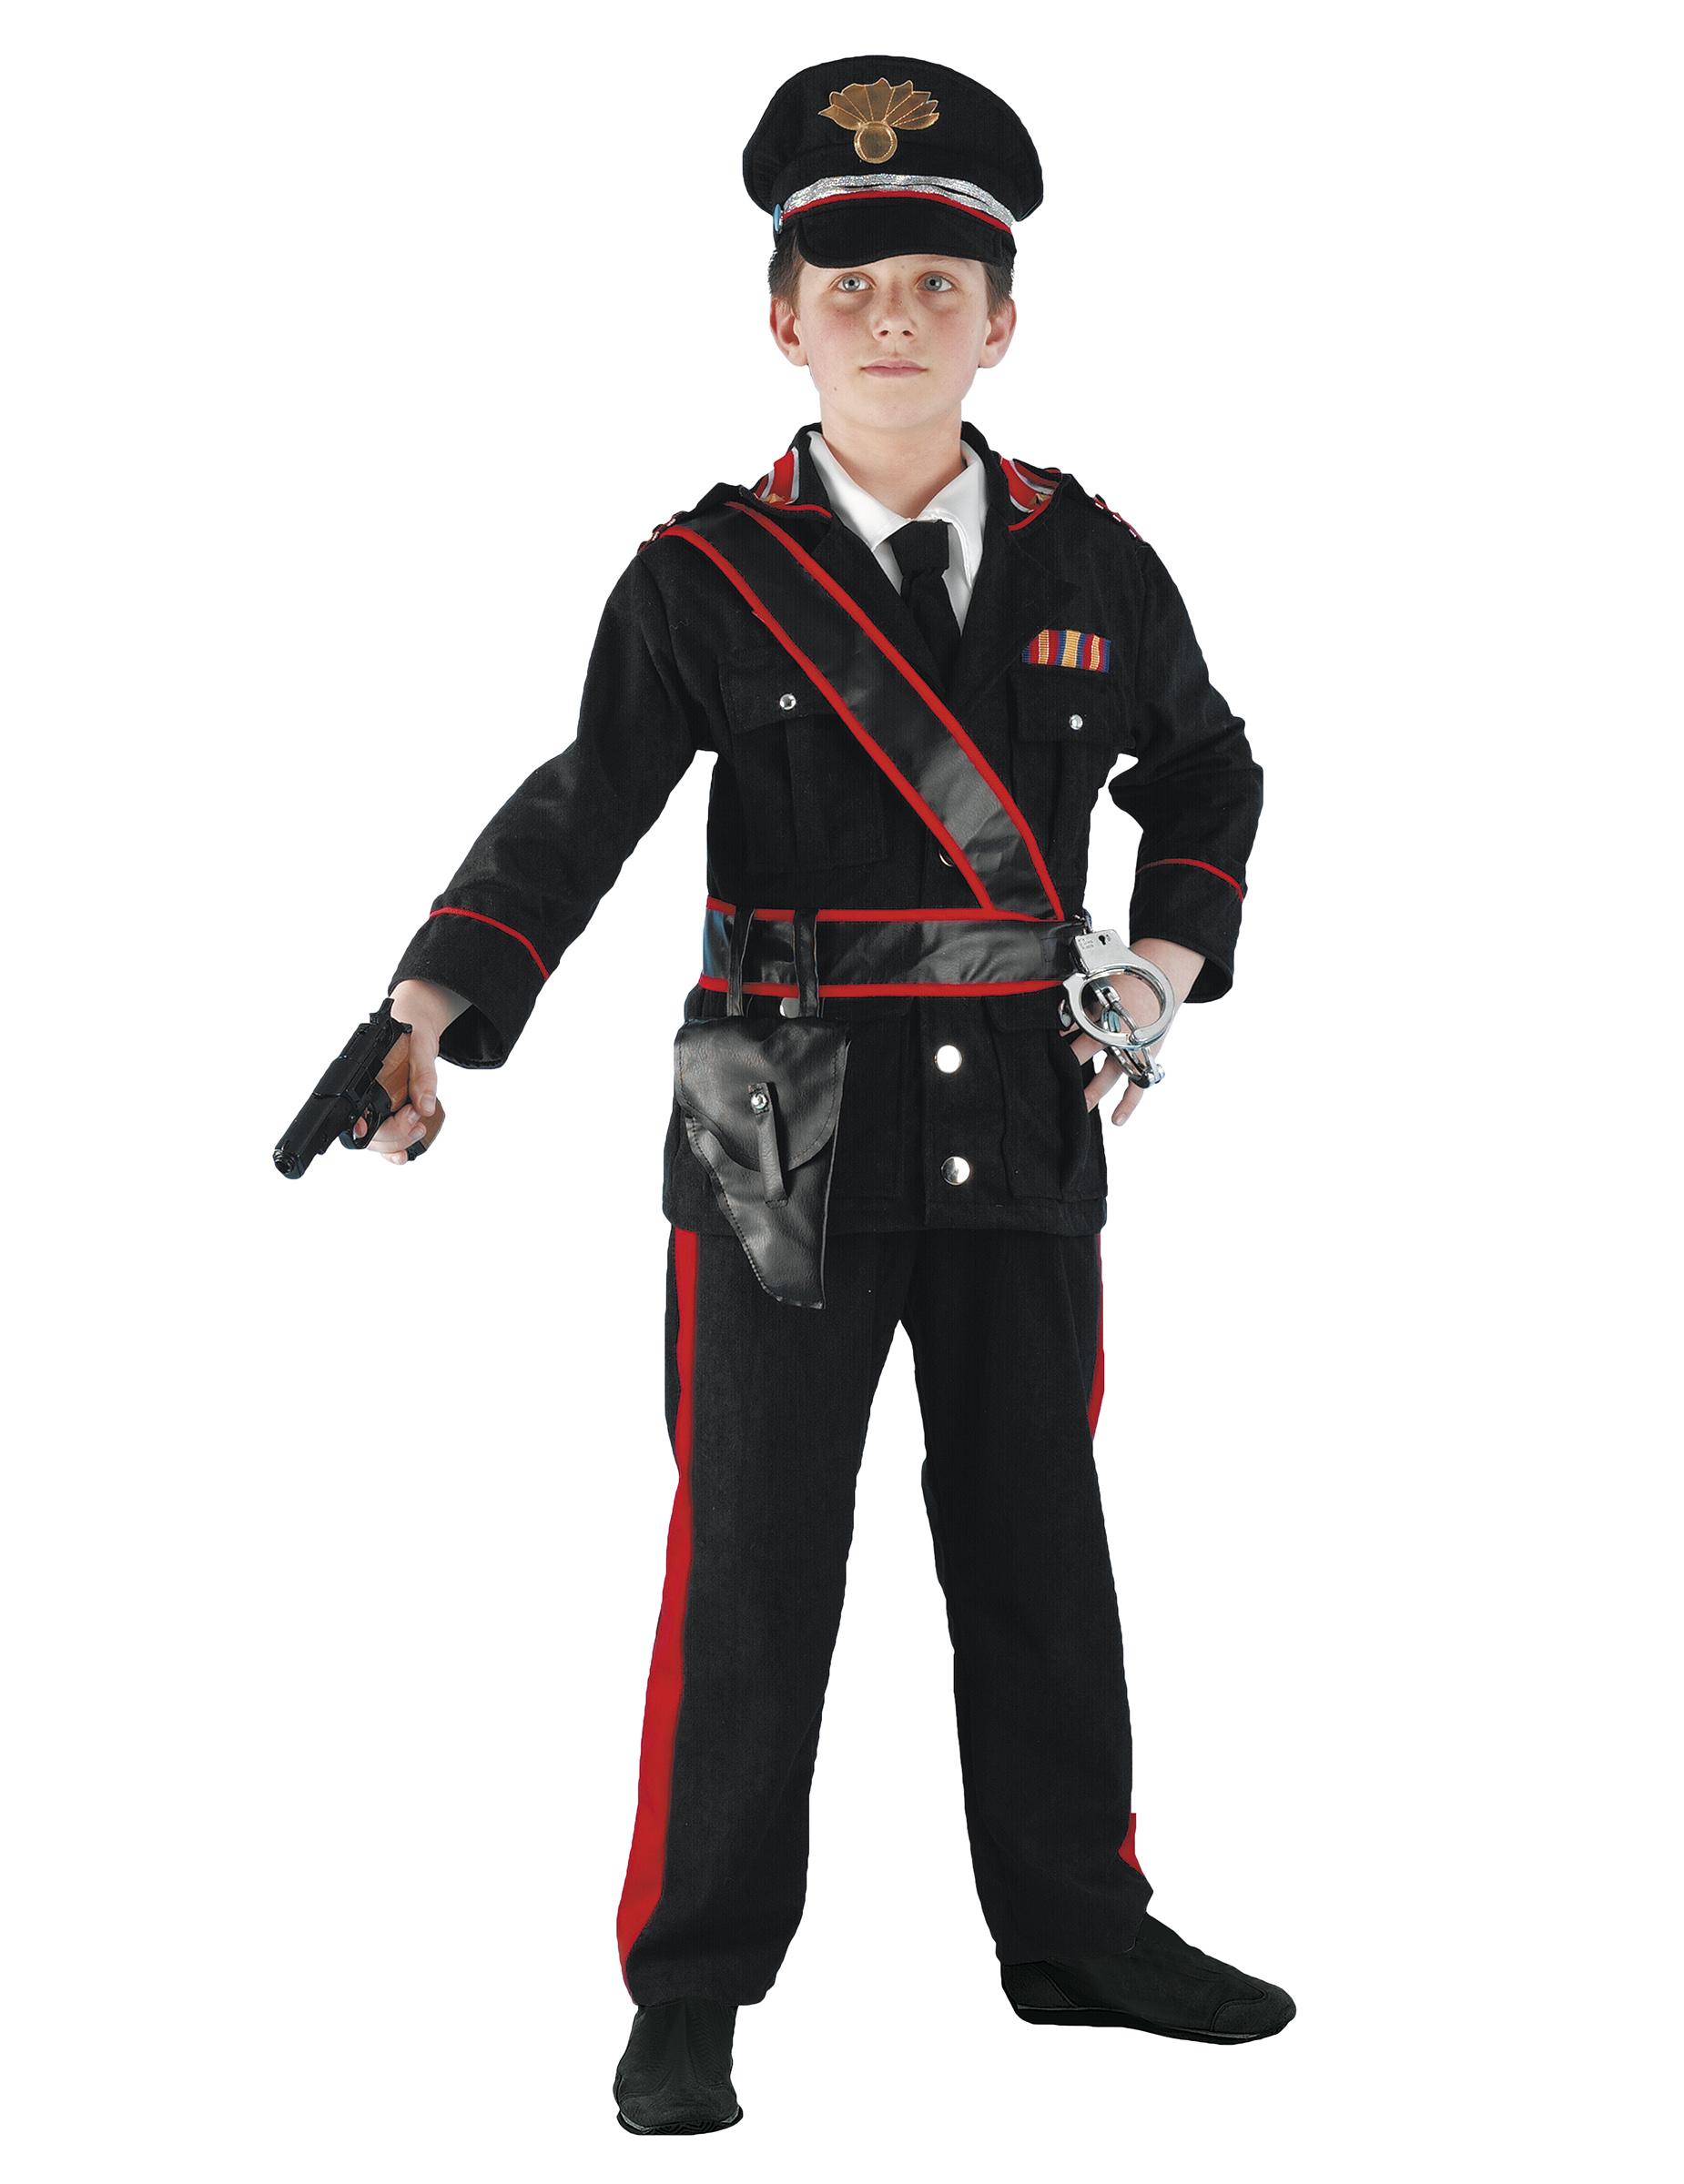 Vestito Carabiniere Bambino.Costume Da Carabiniere Per Bambino Costumi Bambini E Vestiti Di Carnevale Online Vegaoo